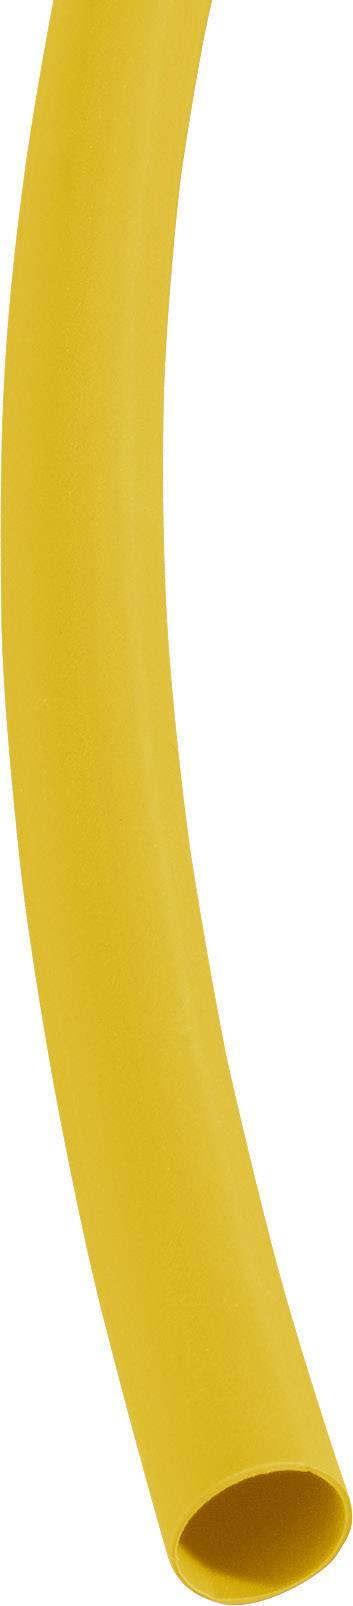 Zmršťovacie bužírky nelepiace DSG Canusa DERAY-I3000 3290030103, 3:1, 3.20 mm, žltá, metrový tovar